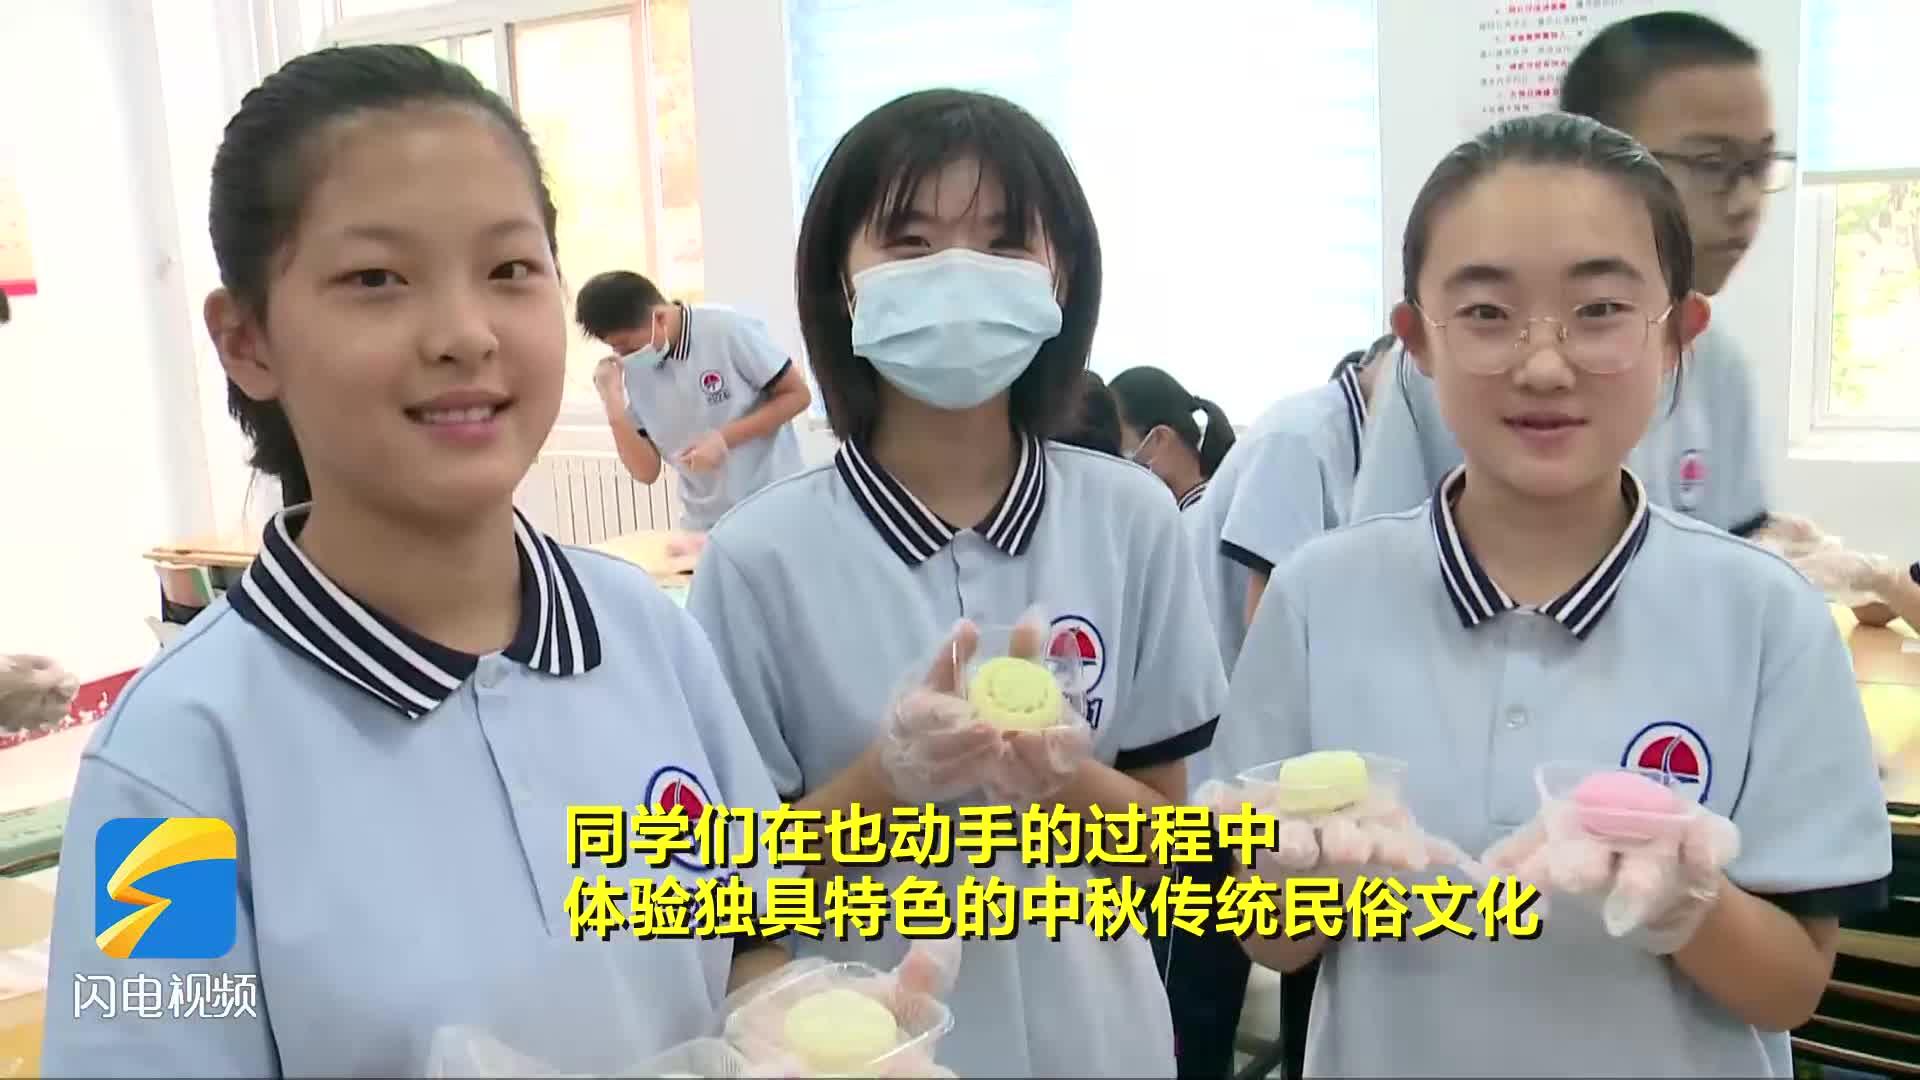 潍坊青州:传统文化进校园 学生体验月饼制作工艺